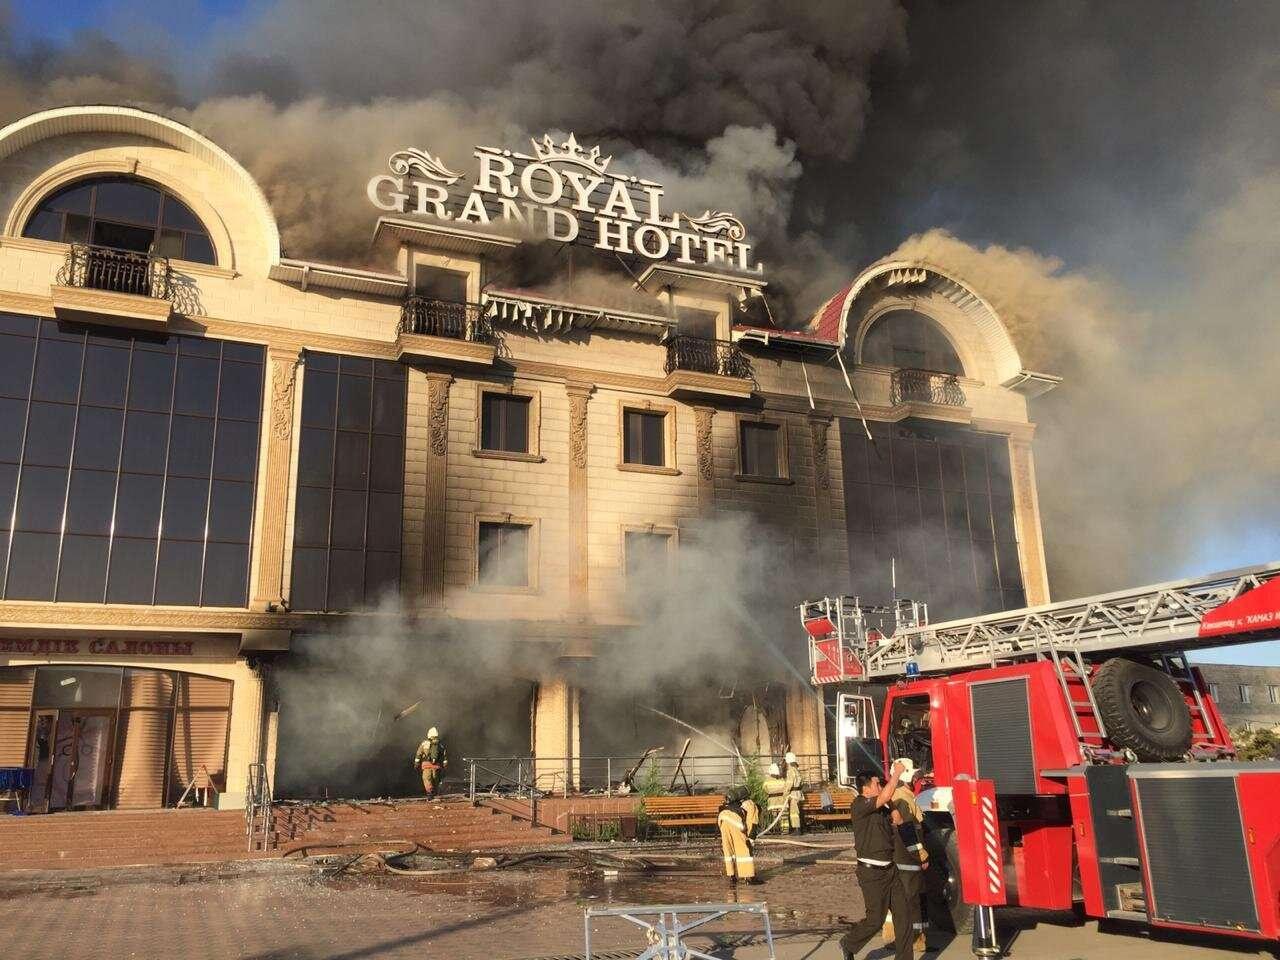 Пожар начался после взрыва газового баллона во дворе отеля